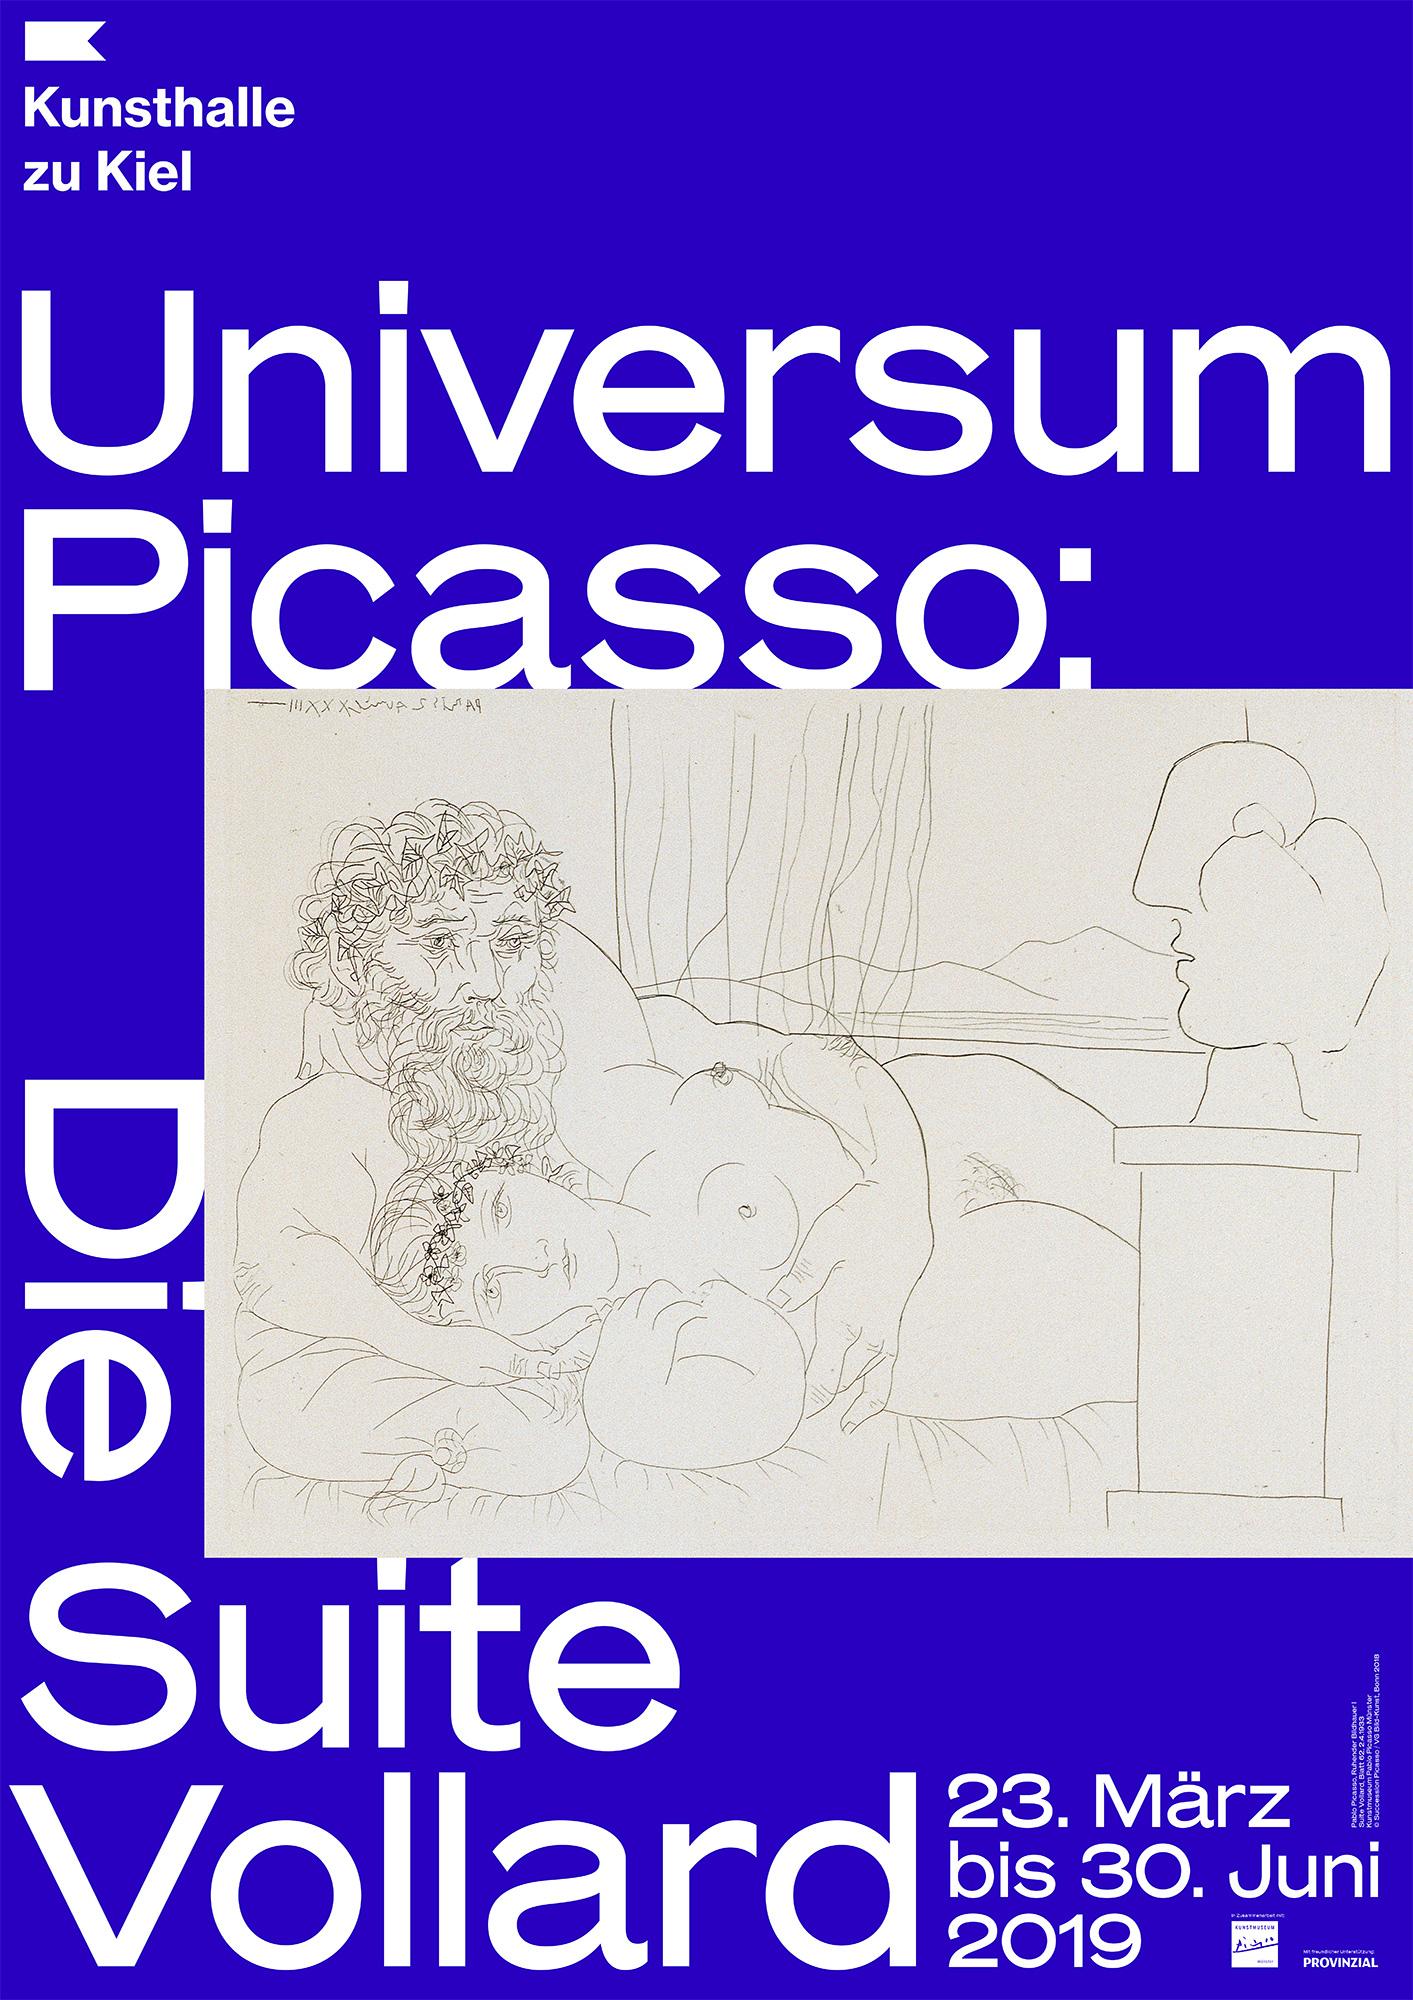 Picasso_A1_Pantone072C.jpg